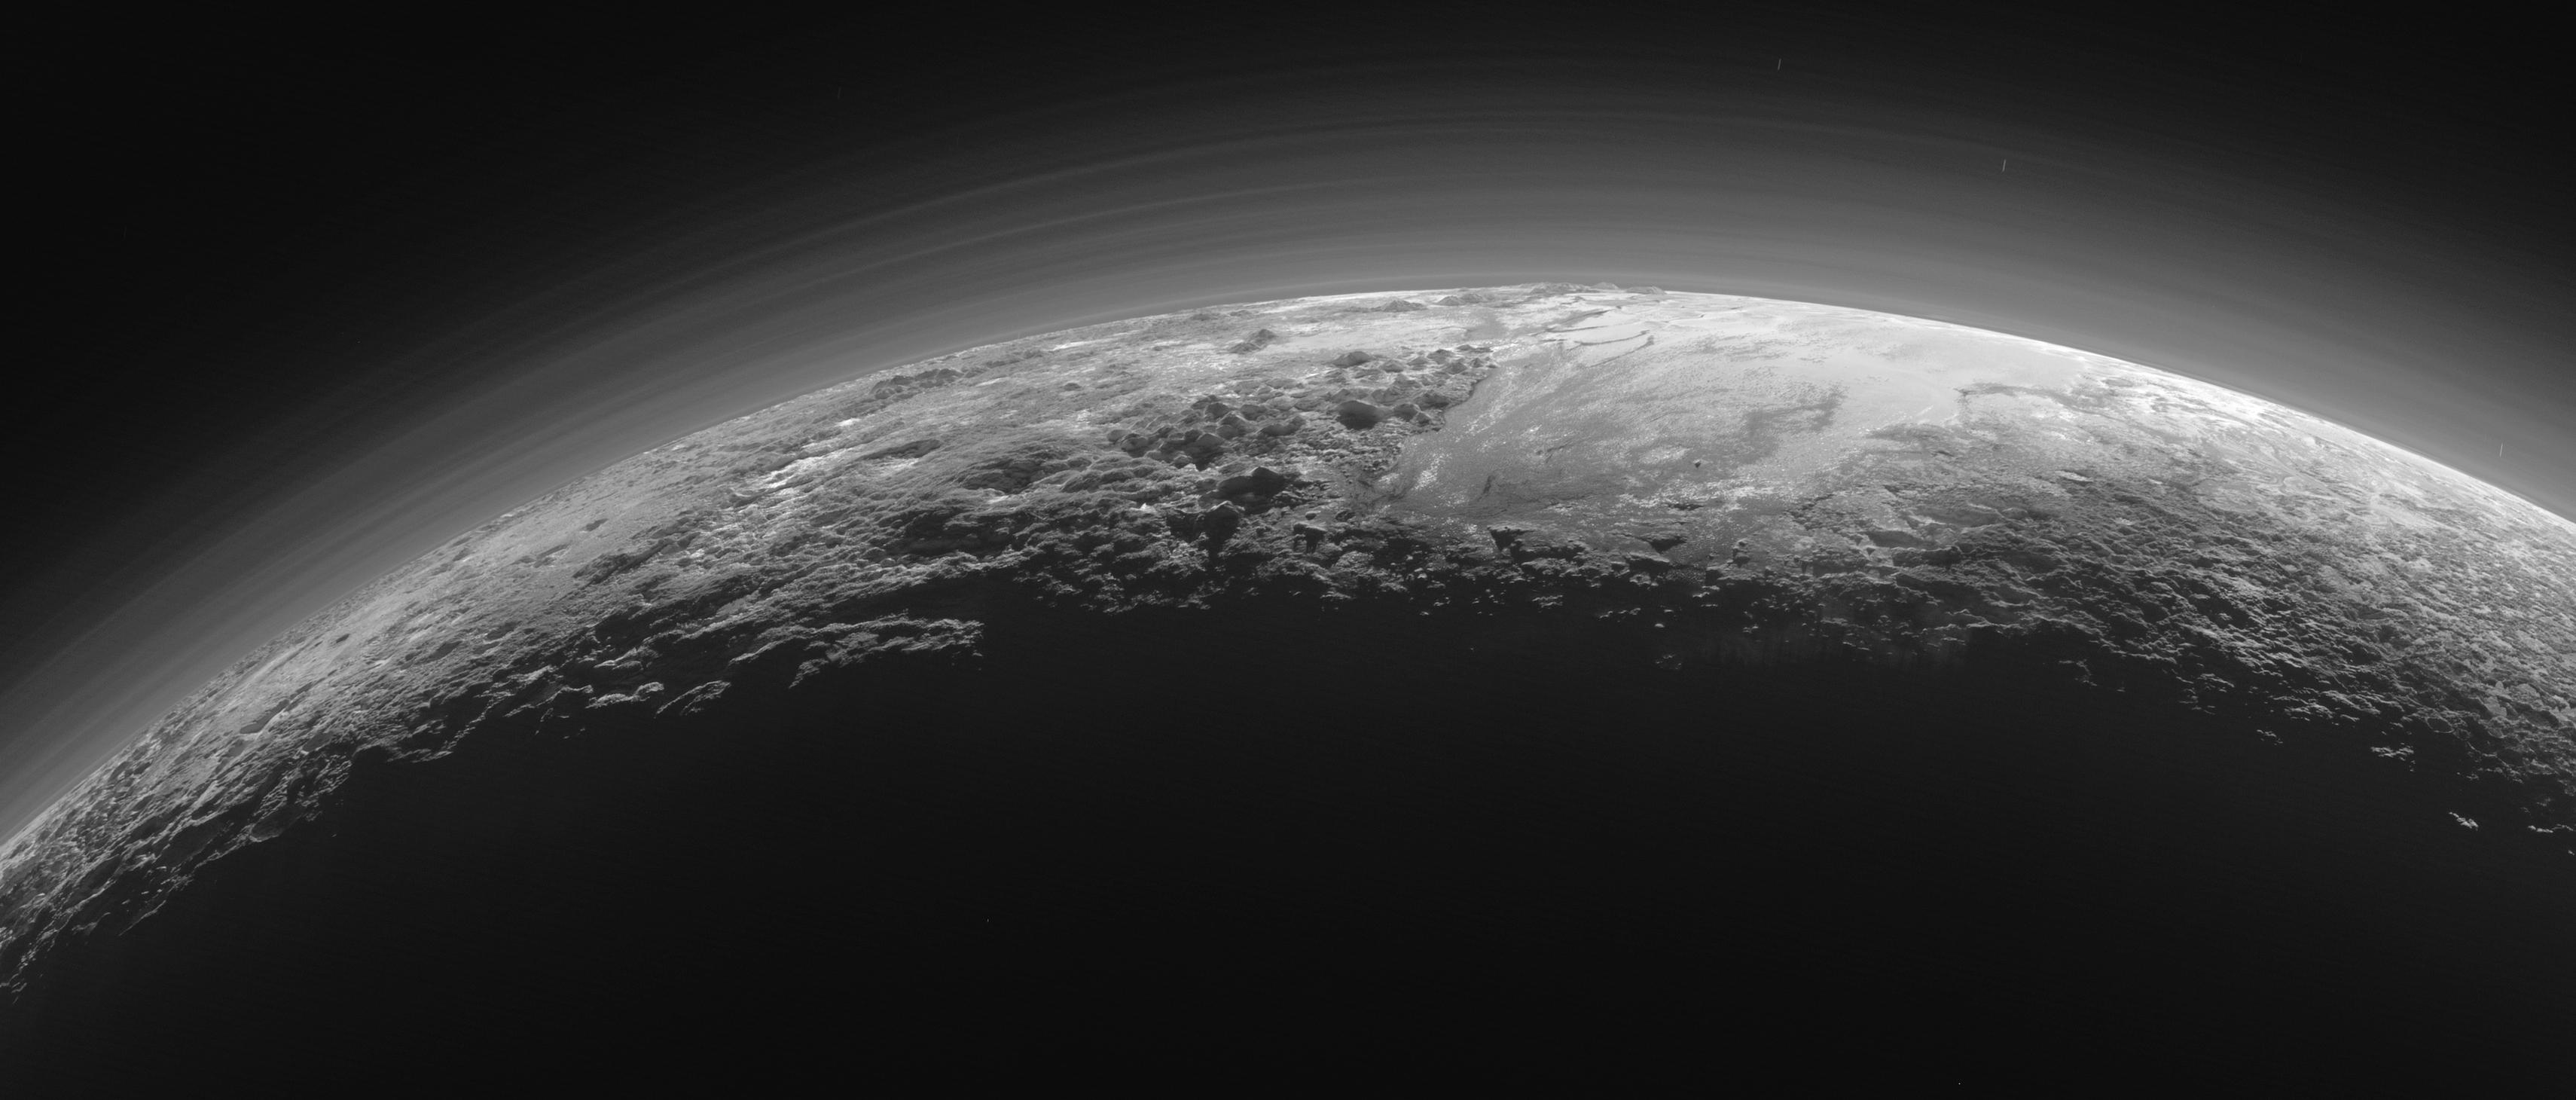 ImagePypelines astro